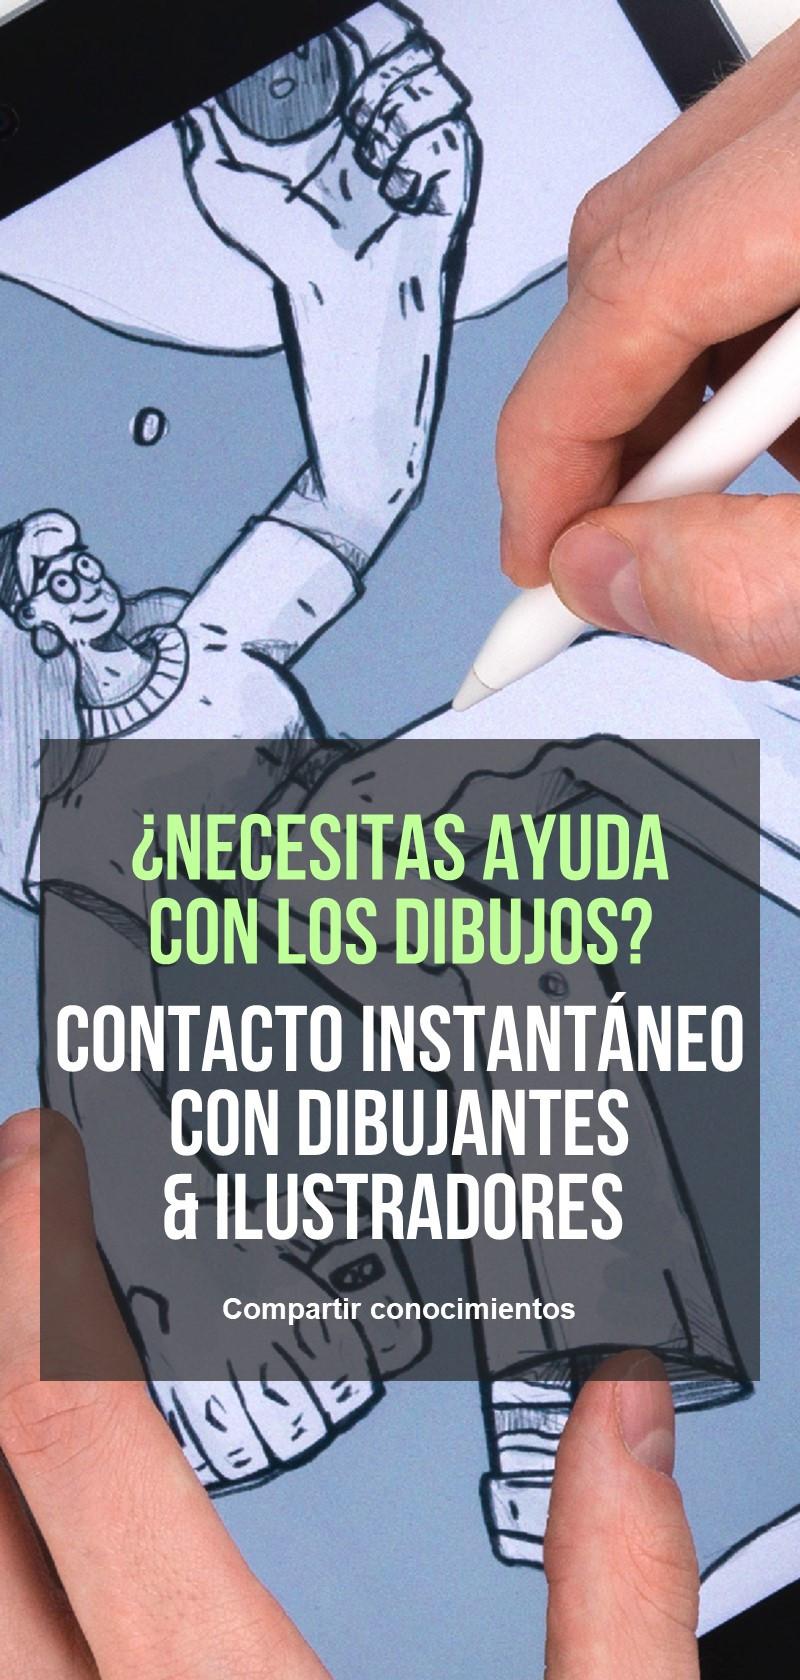 Dibujantes e ilustradores